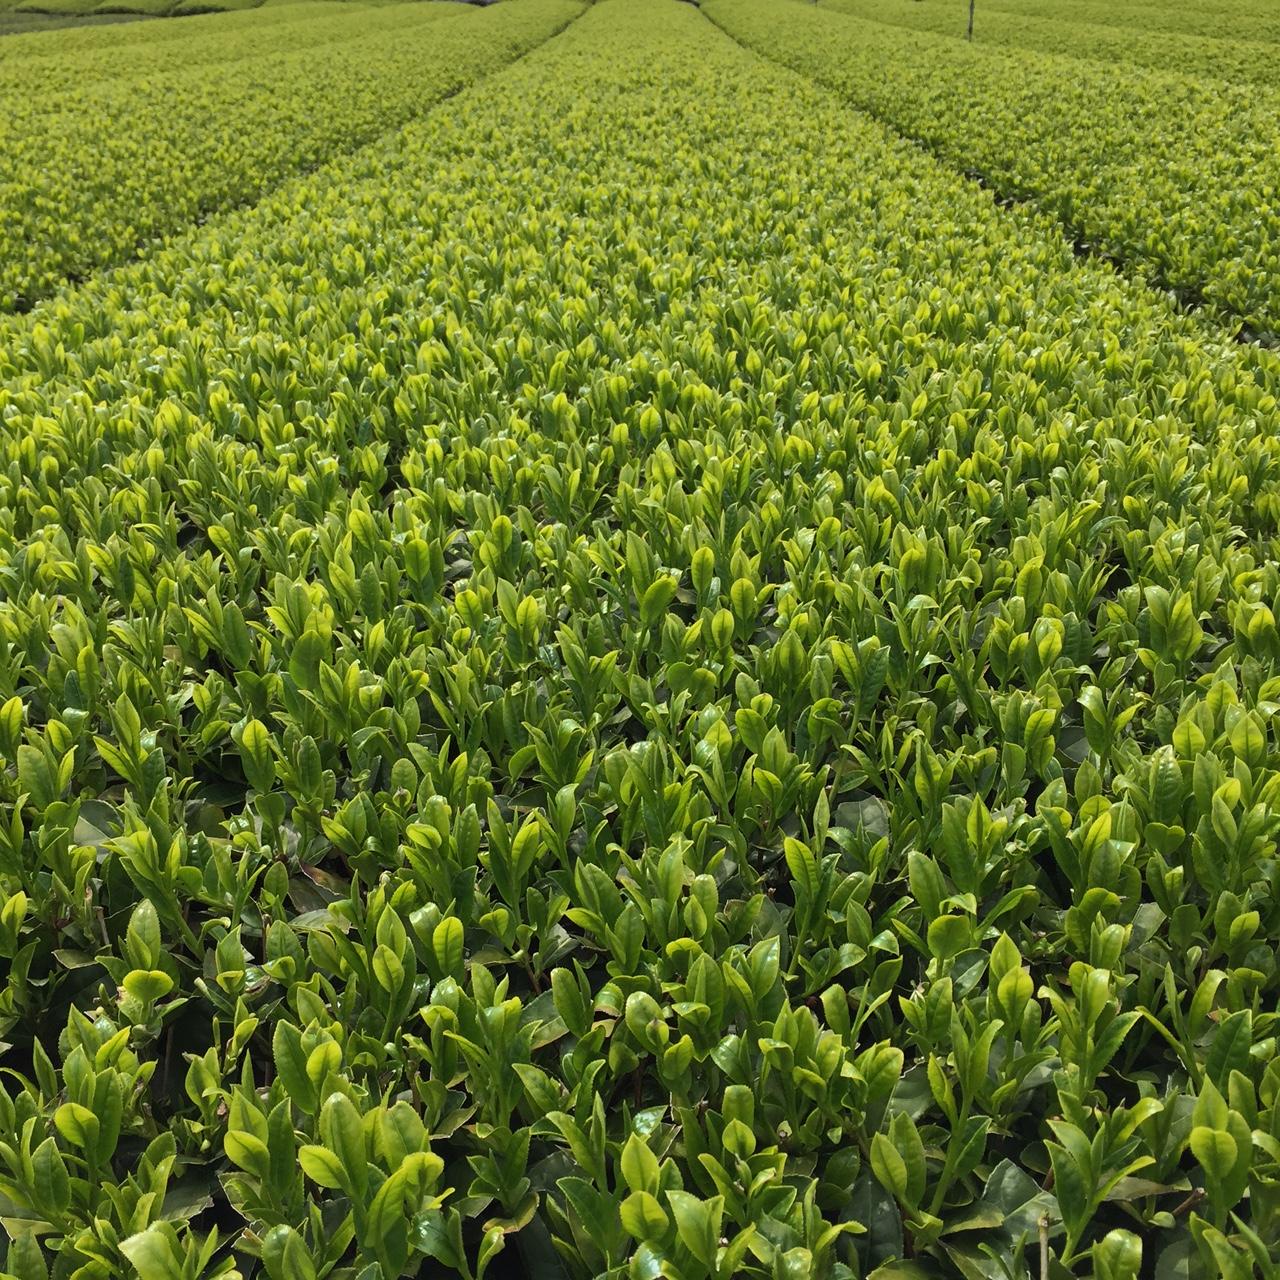 2017年4月15日かごしま緑茶の茶園風景です。品種はゆたかみどりです。いよいよ黒い覆いをかけられます。